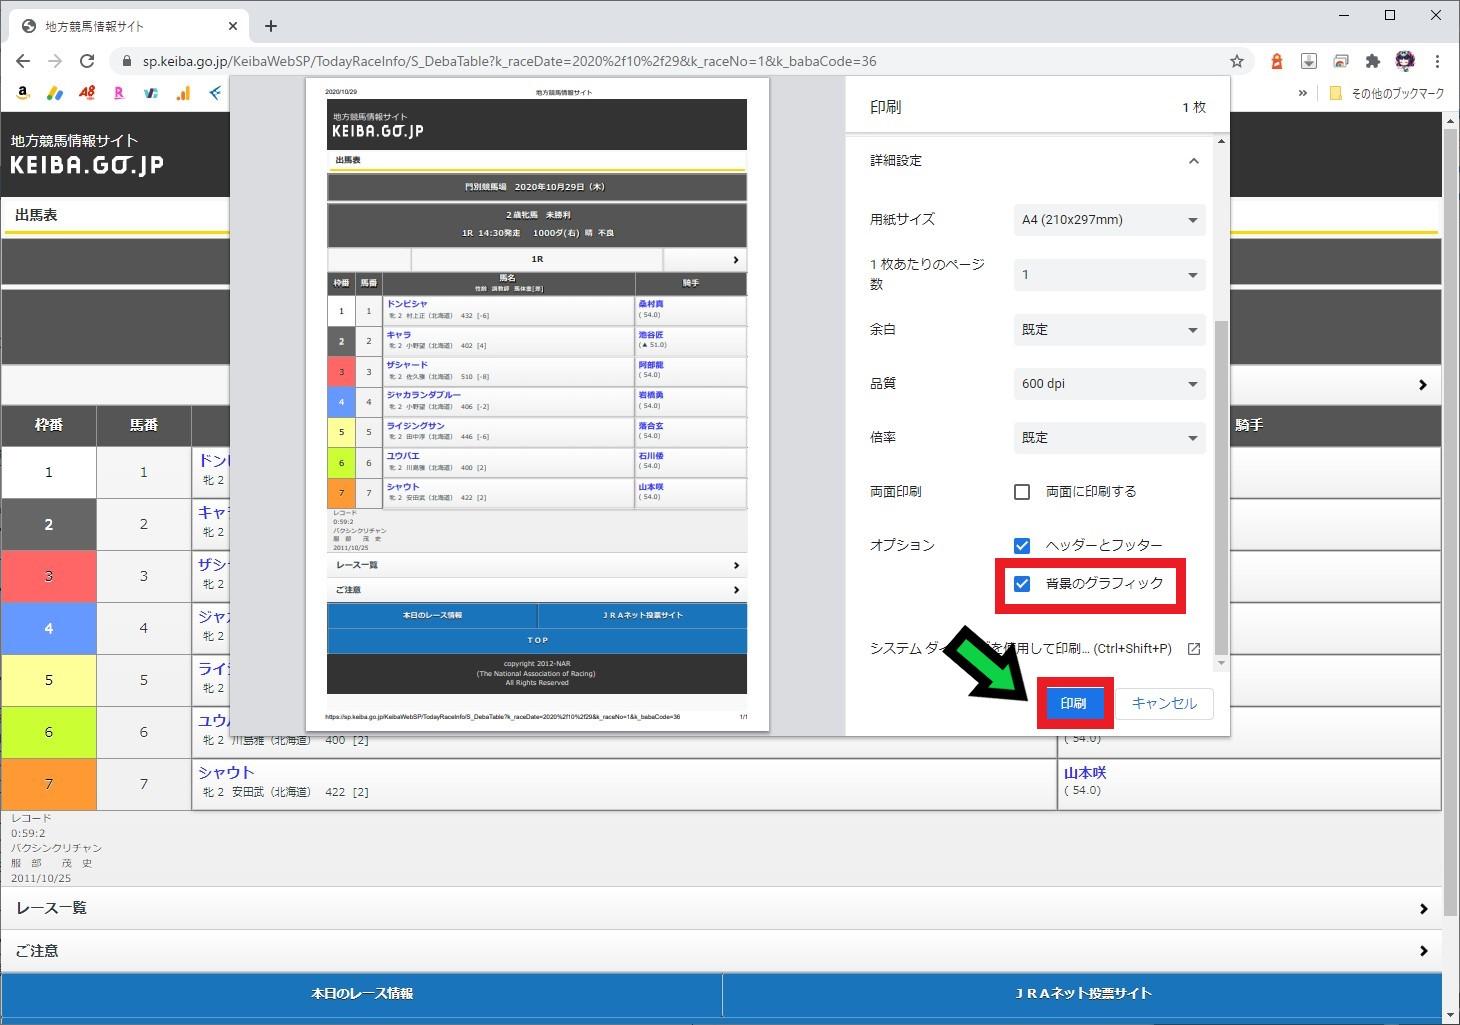 【Google Chrome】印刷する際に一部だけカラーにならない時の解決方法を解説